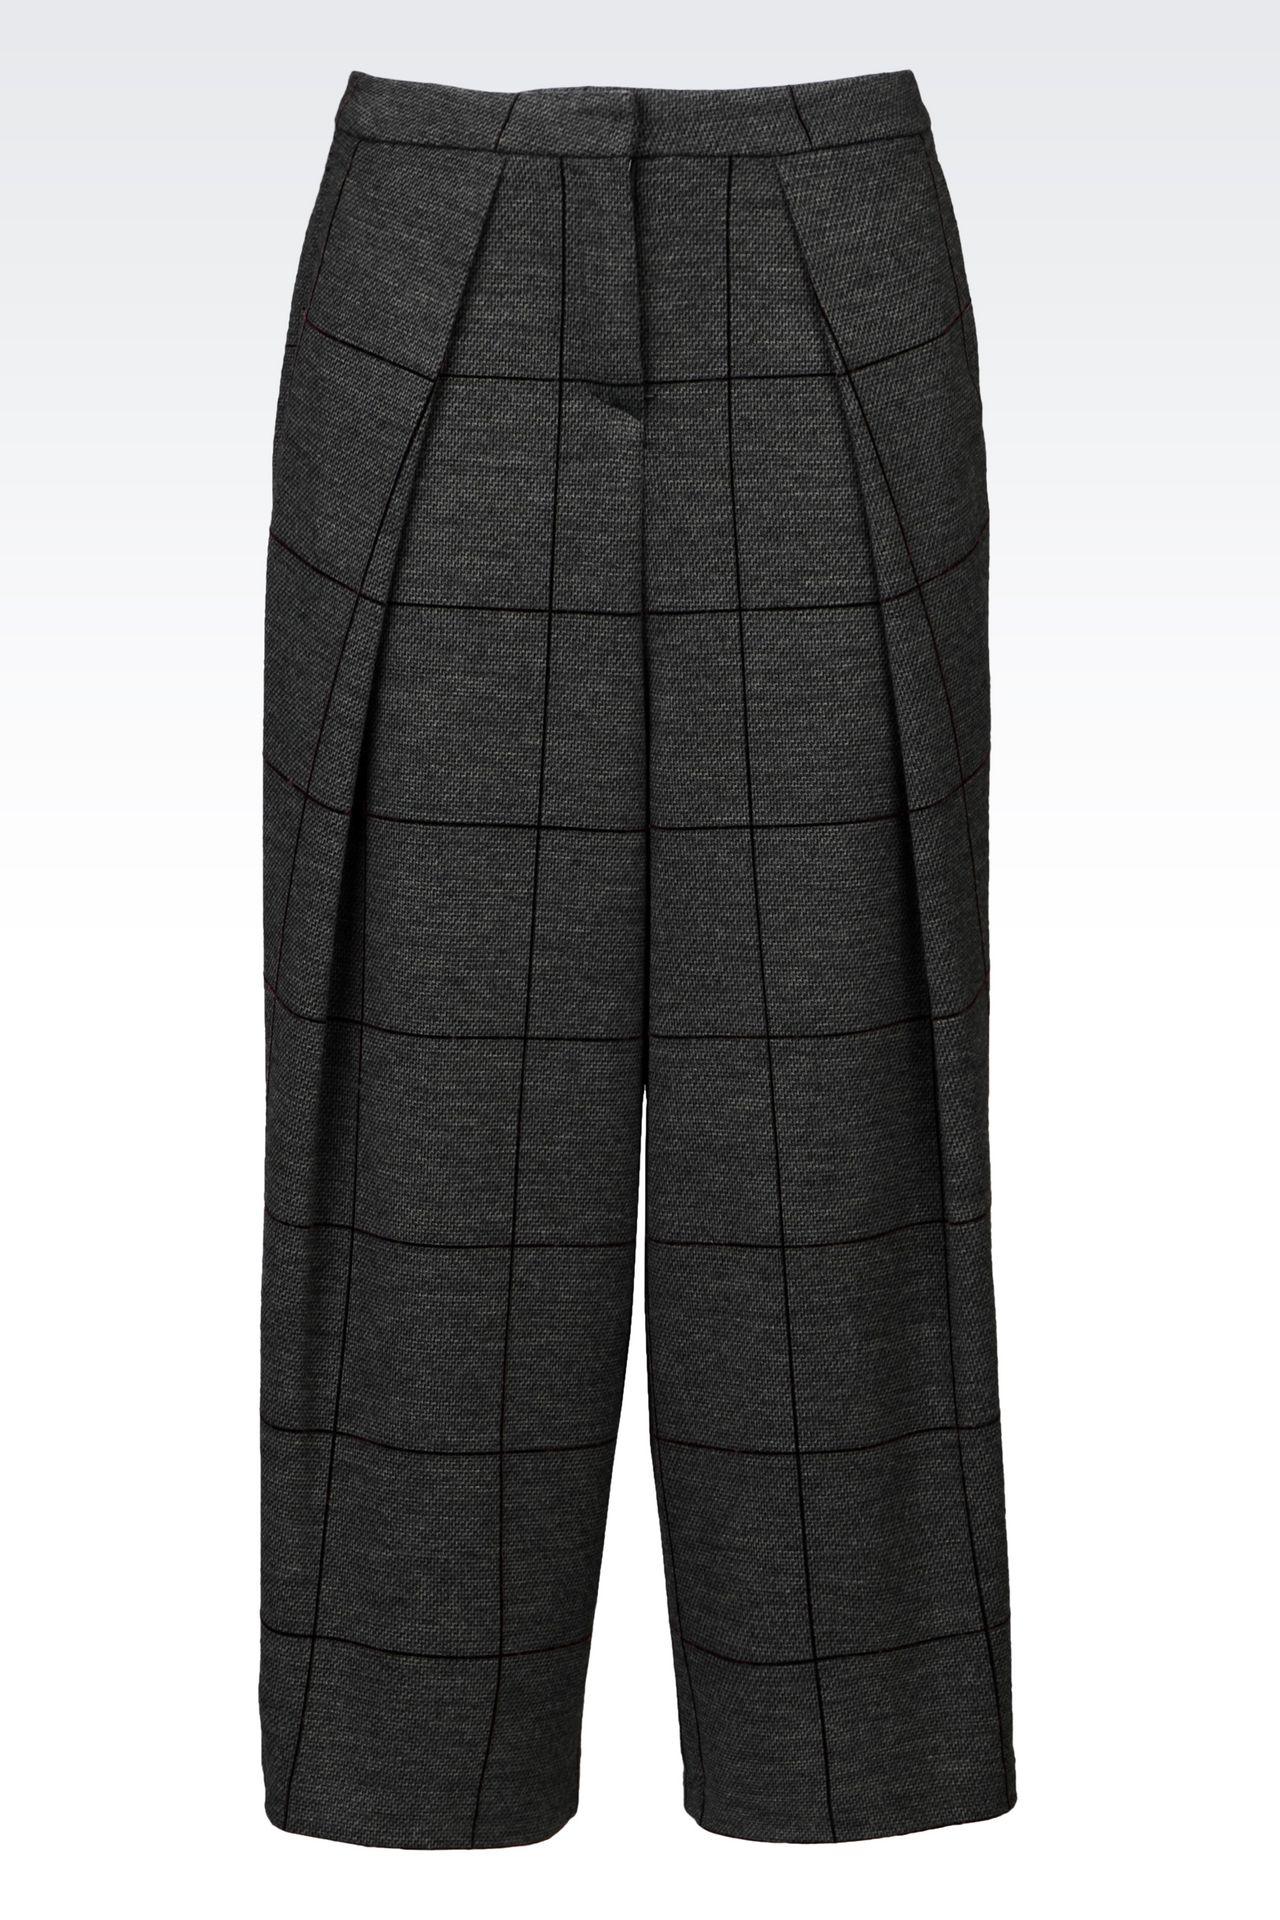 Жаккардовые брюки доставка